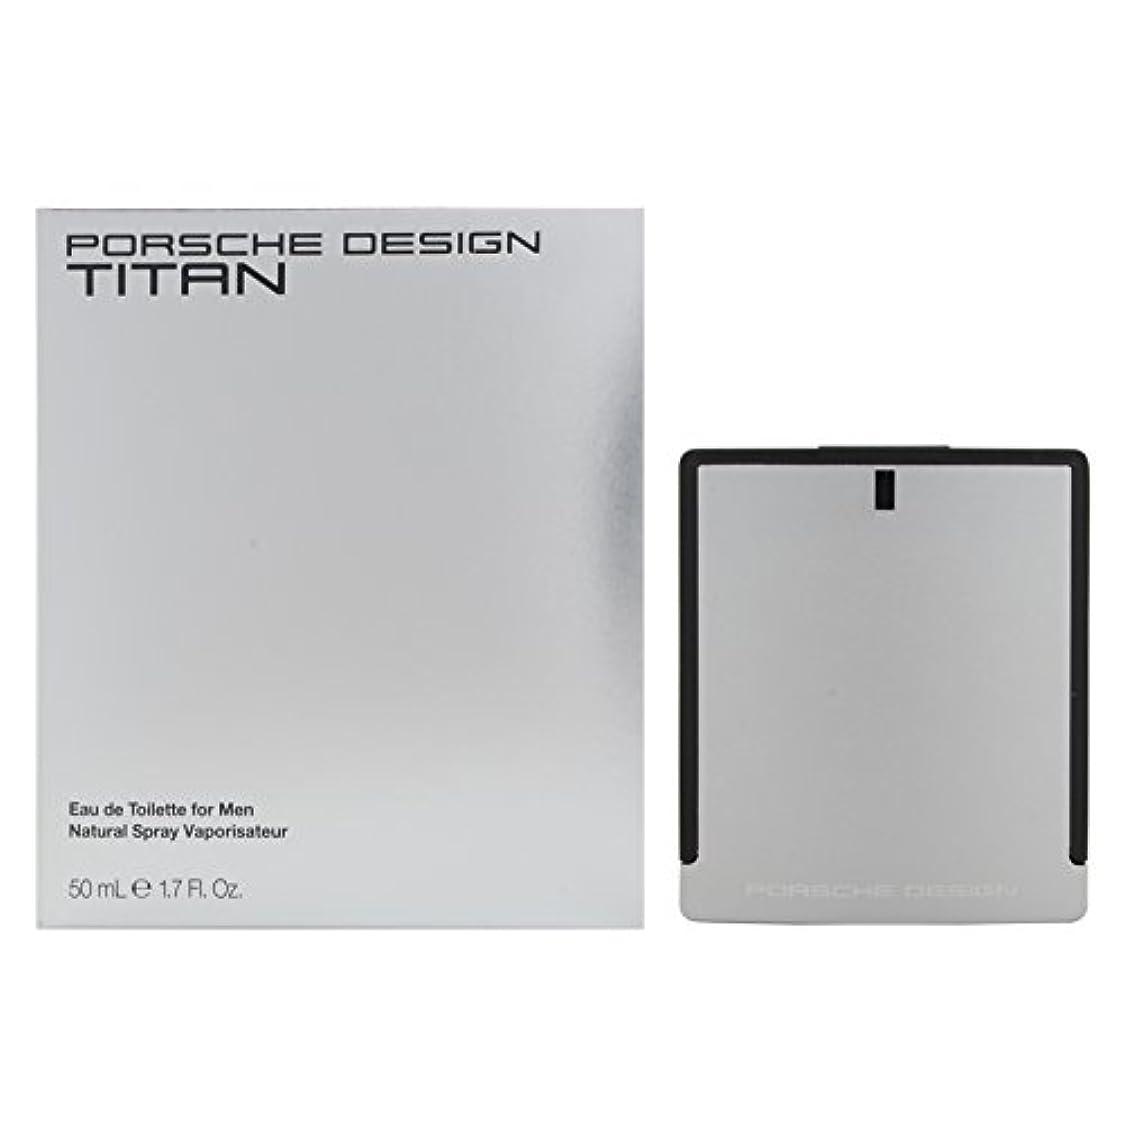 ジャム手のひら喜んでポルシェデザイン チタン EDT 50mL